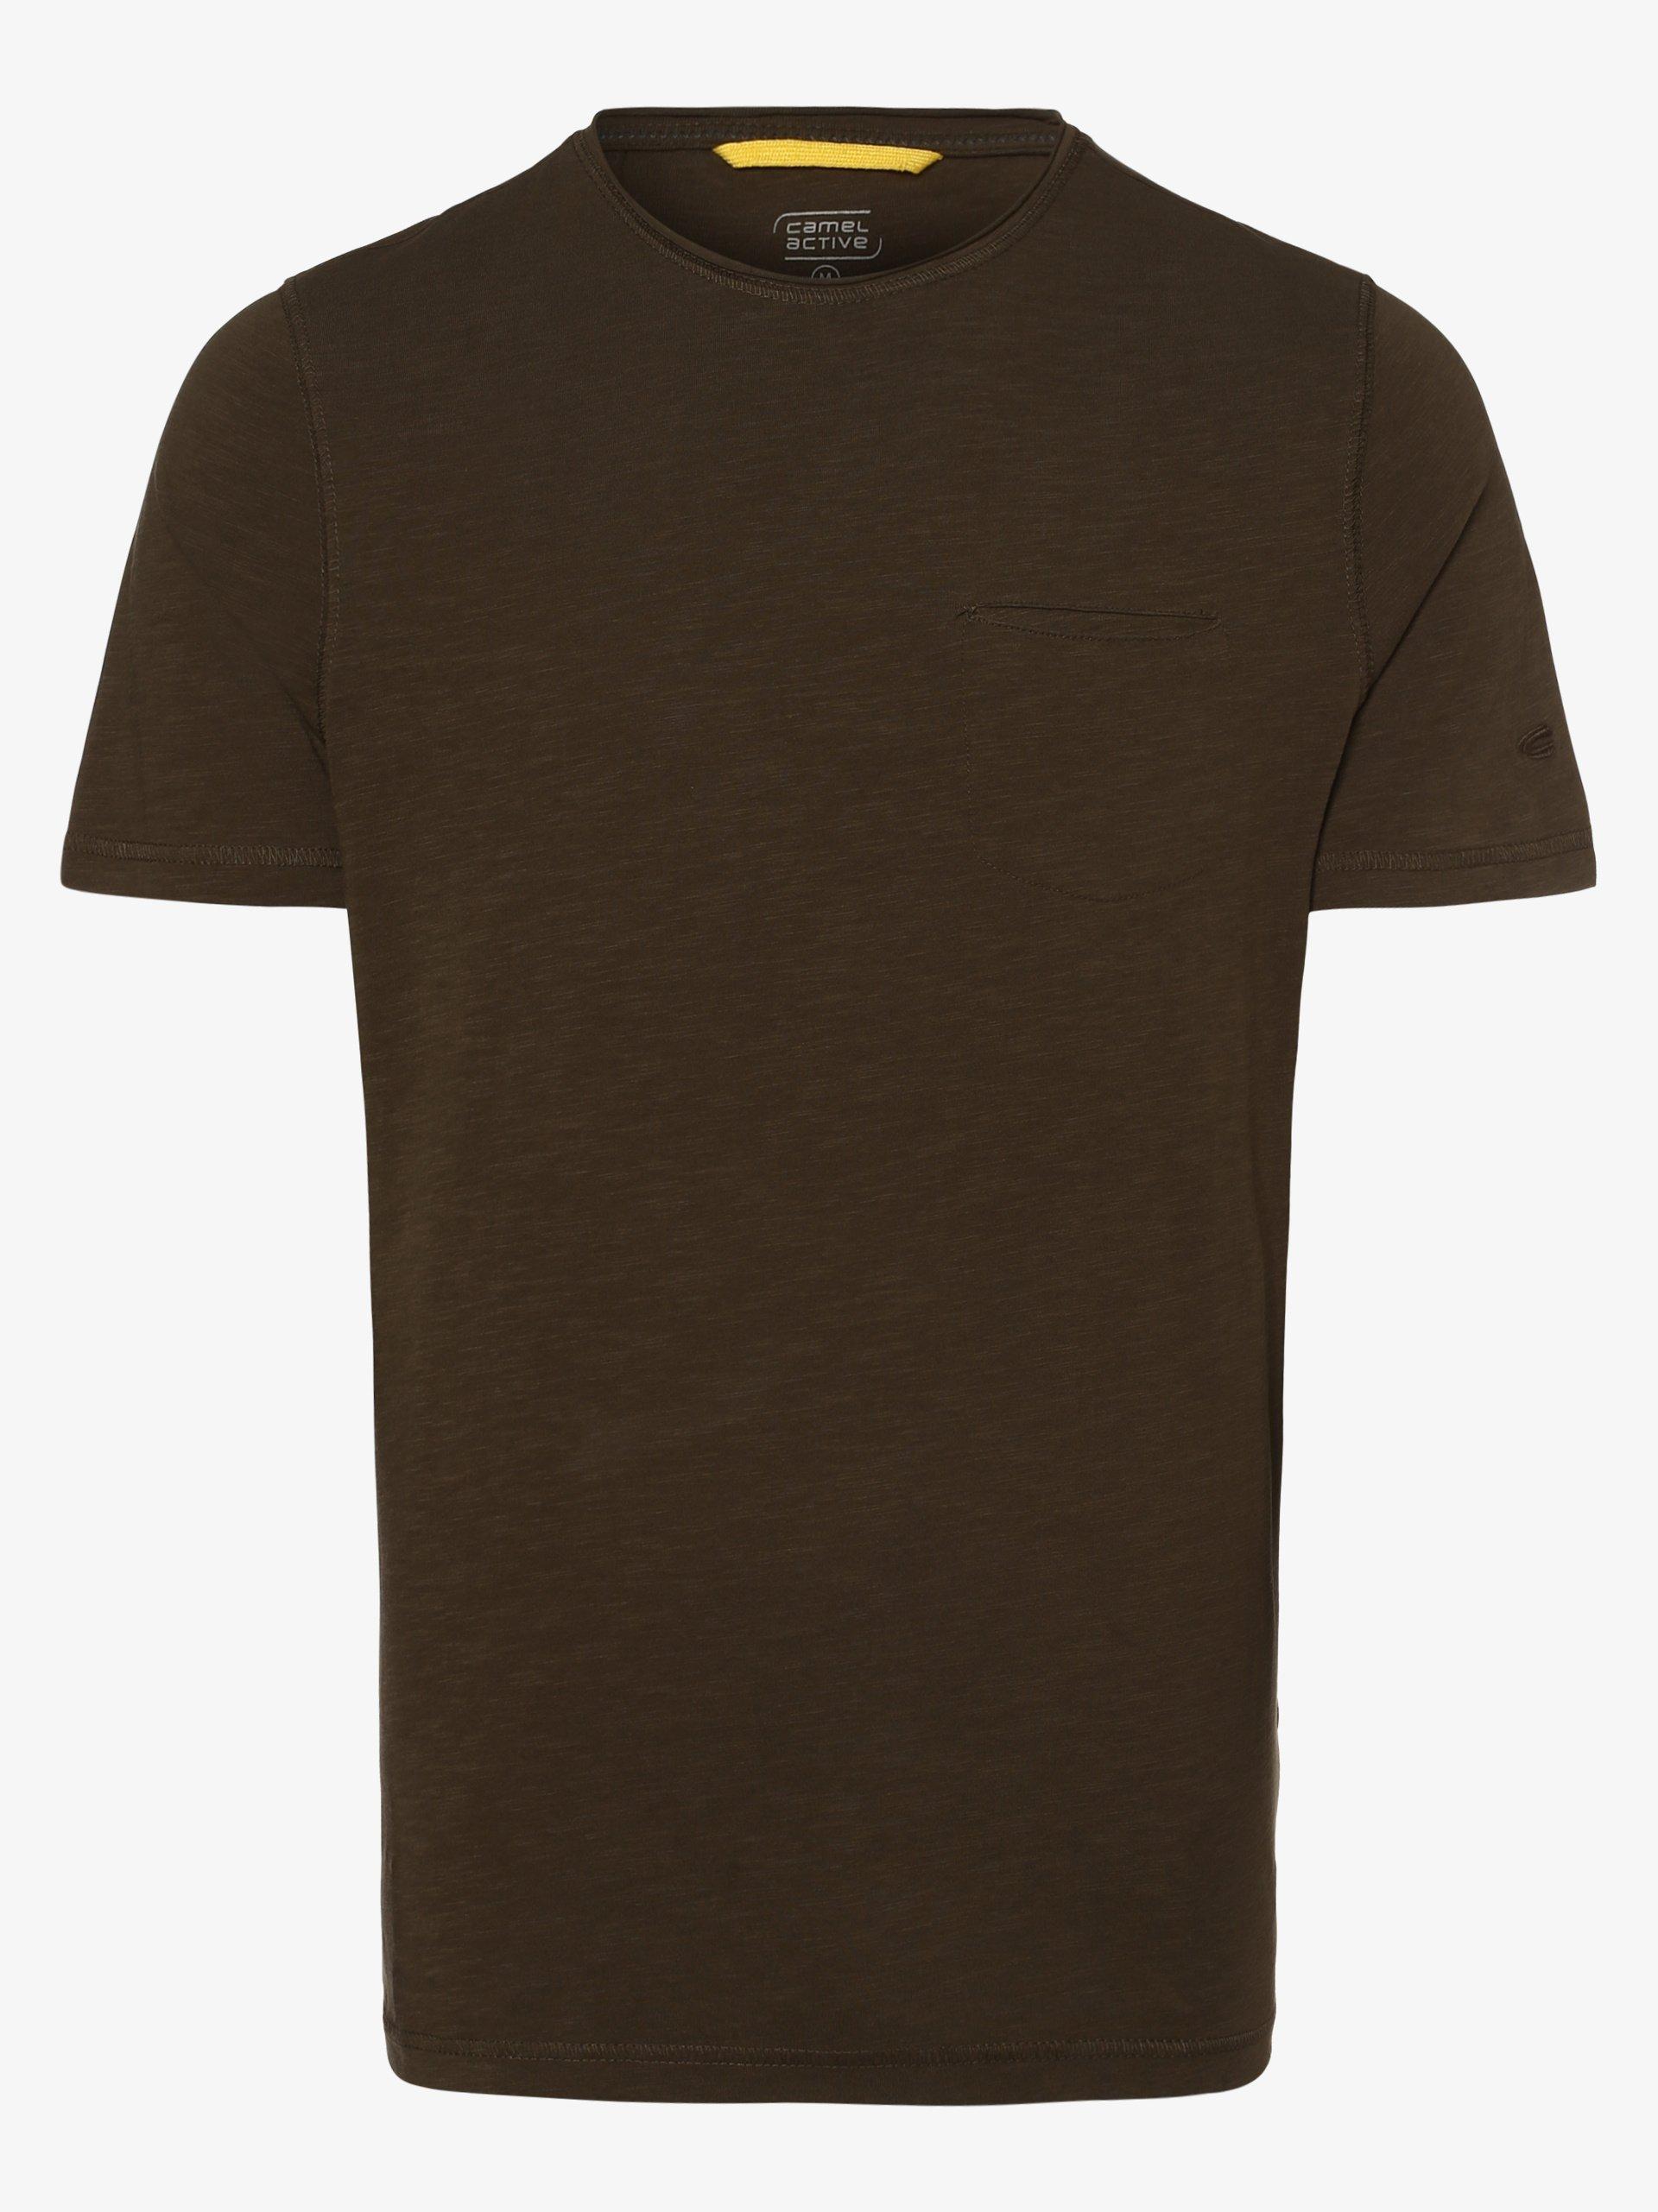 Camel Active Herren T-Shirt